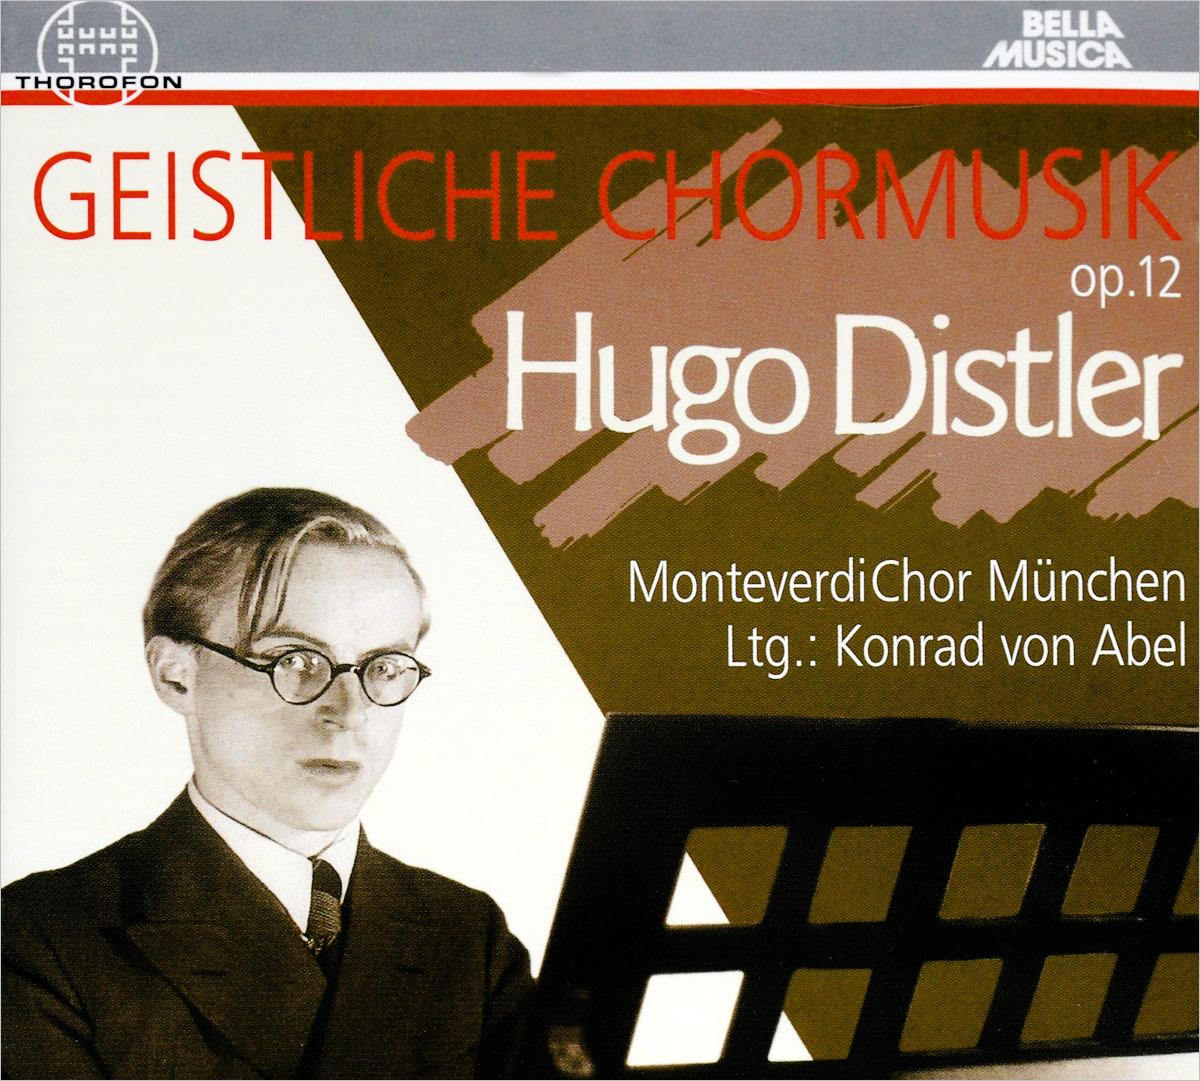 Hugo Distler. Geistliche Chormusik op.12